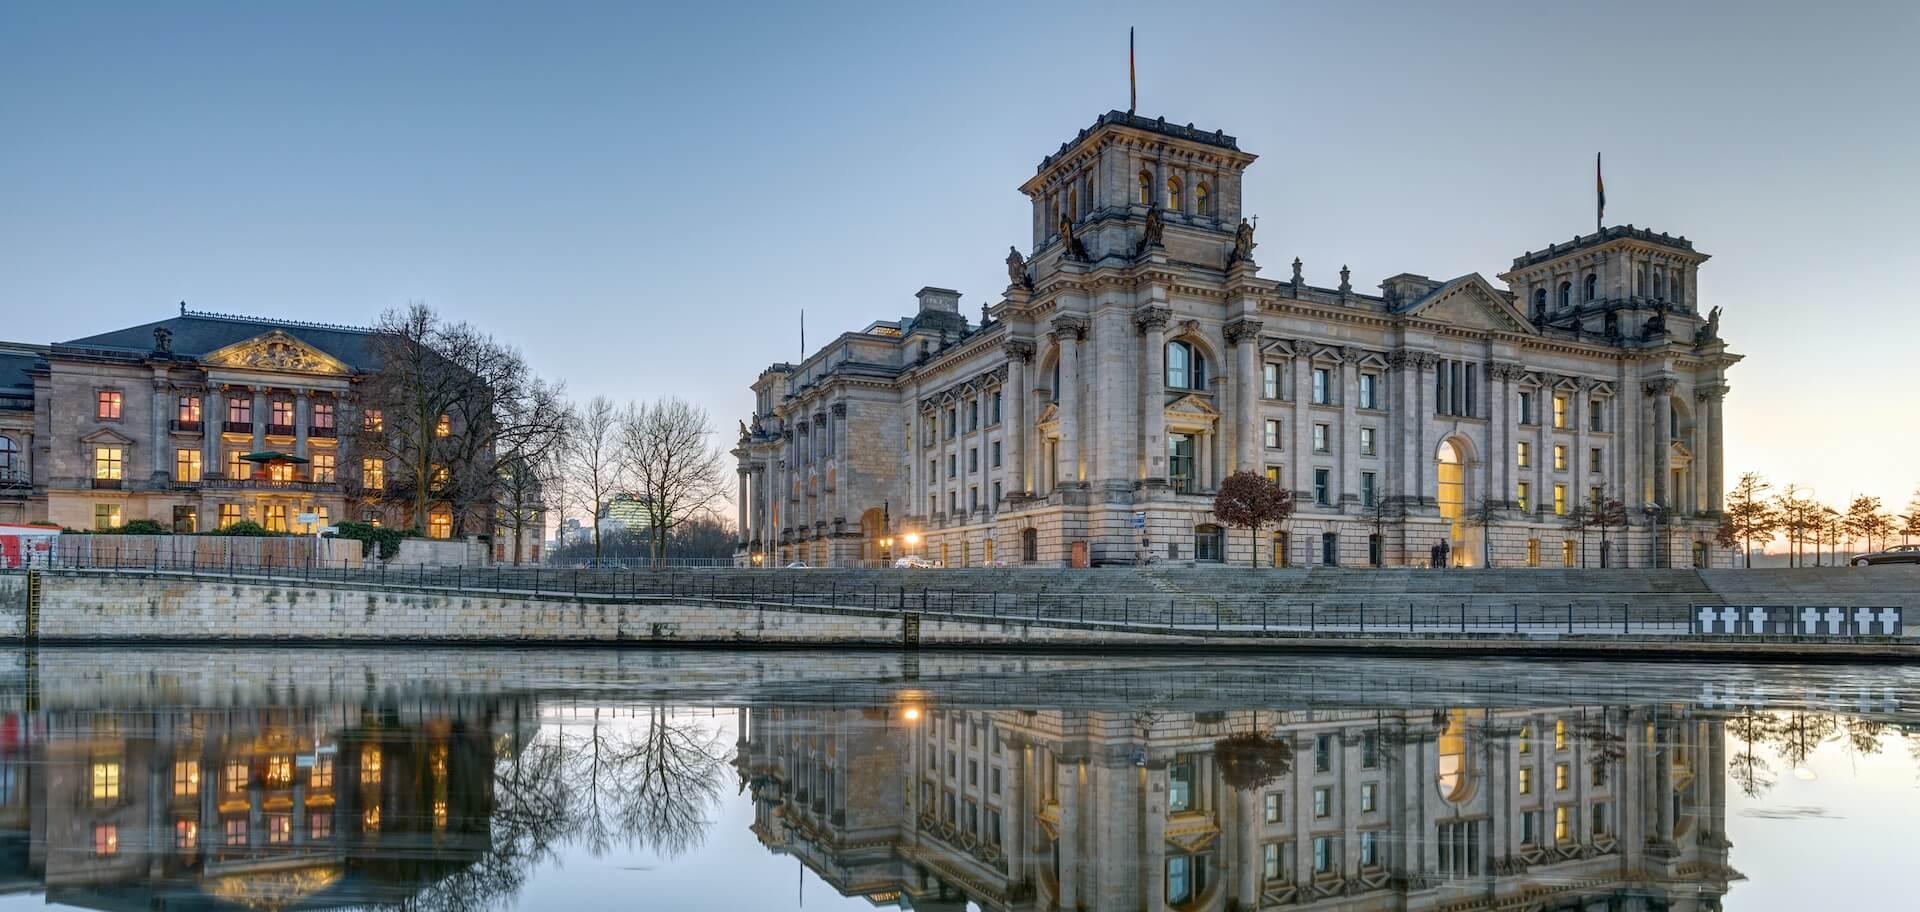 Blick von der Spree auf das Reichtstagsgebäude in dem der deutsche Bundestag tagt.